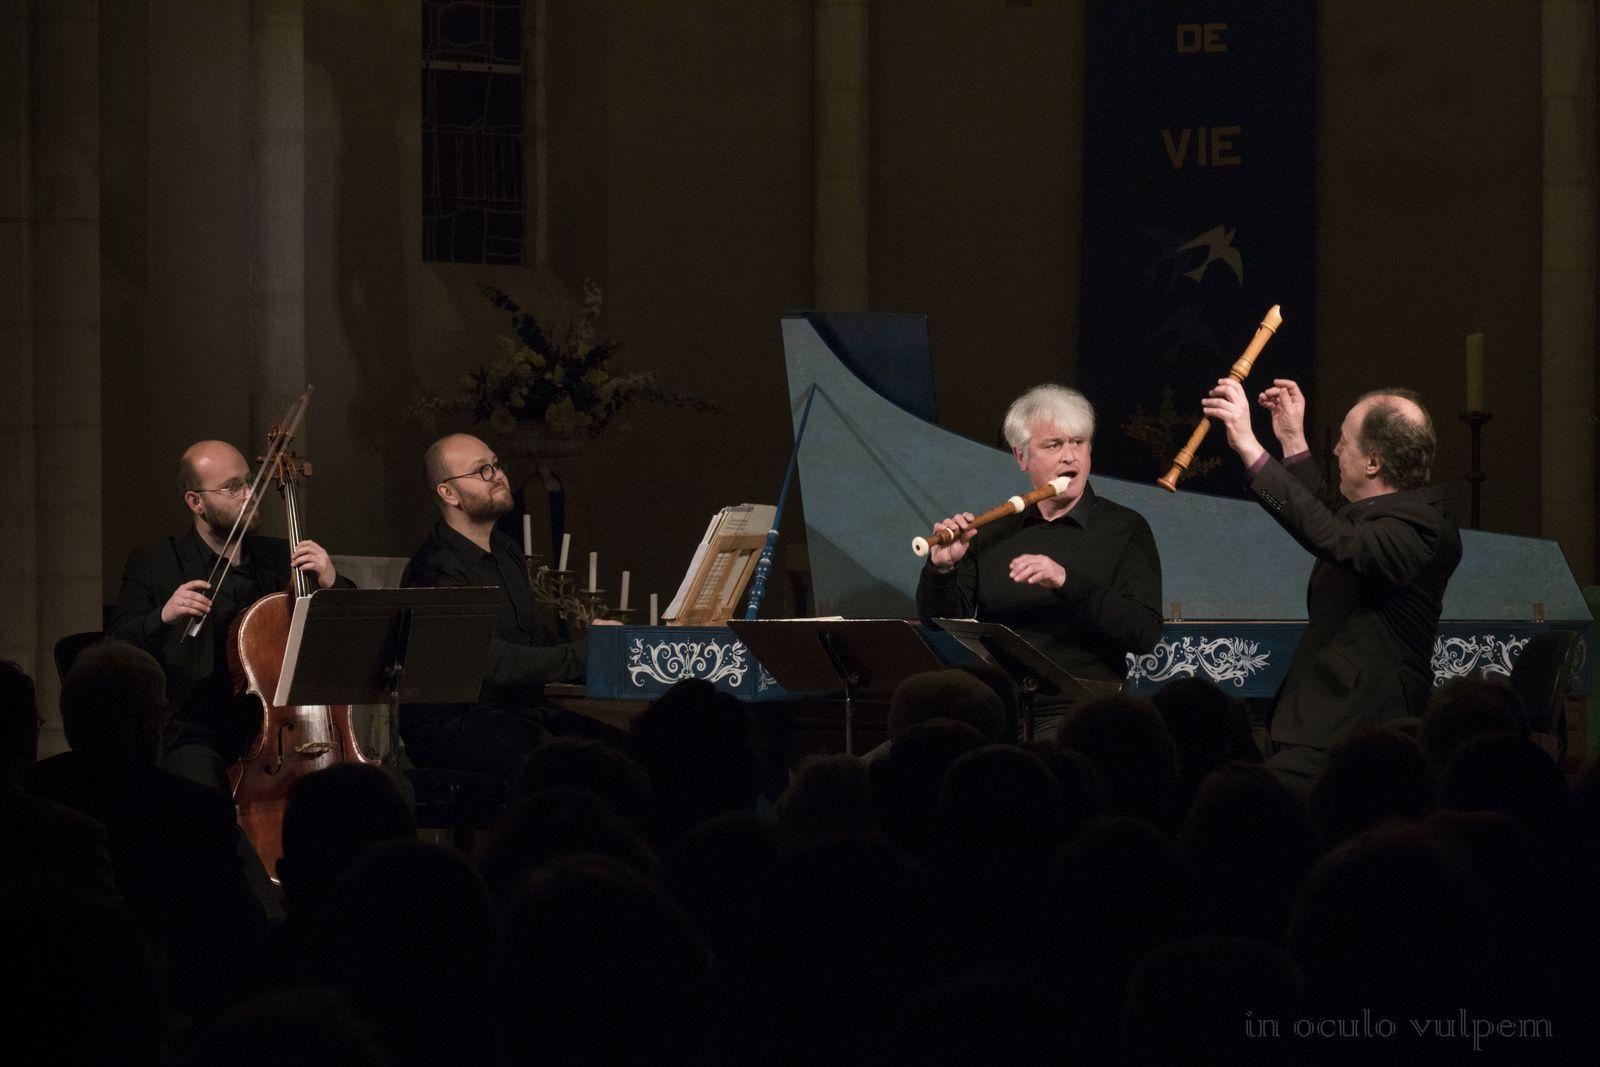 Les Promenades musicales du Pays d'Auge. Jean Marie Segretier et Hugo Reyne, flûtes; François Gallon, violoncelle baroque; Pierre Gallon, clavecin. Eglise de Saint-Loup-de-Fribois, 02/12/2018.